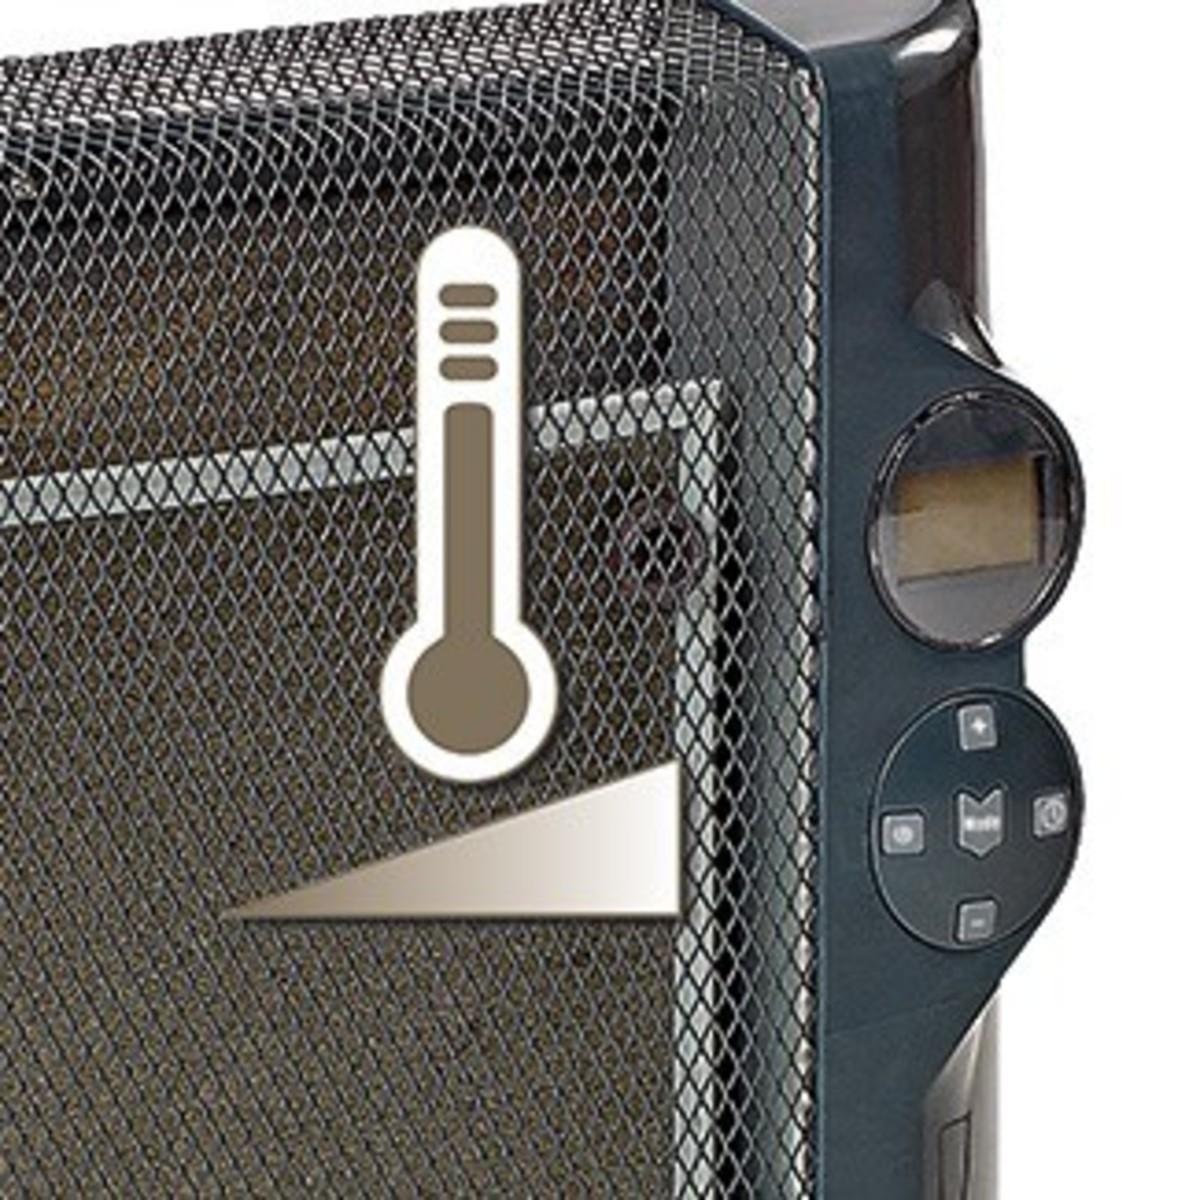 Bild 2 von Einhell WW 2000 D Wärmewellenheizung